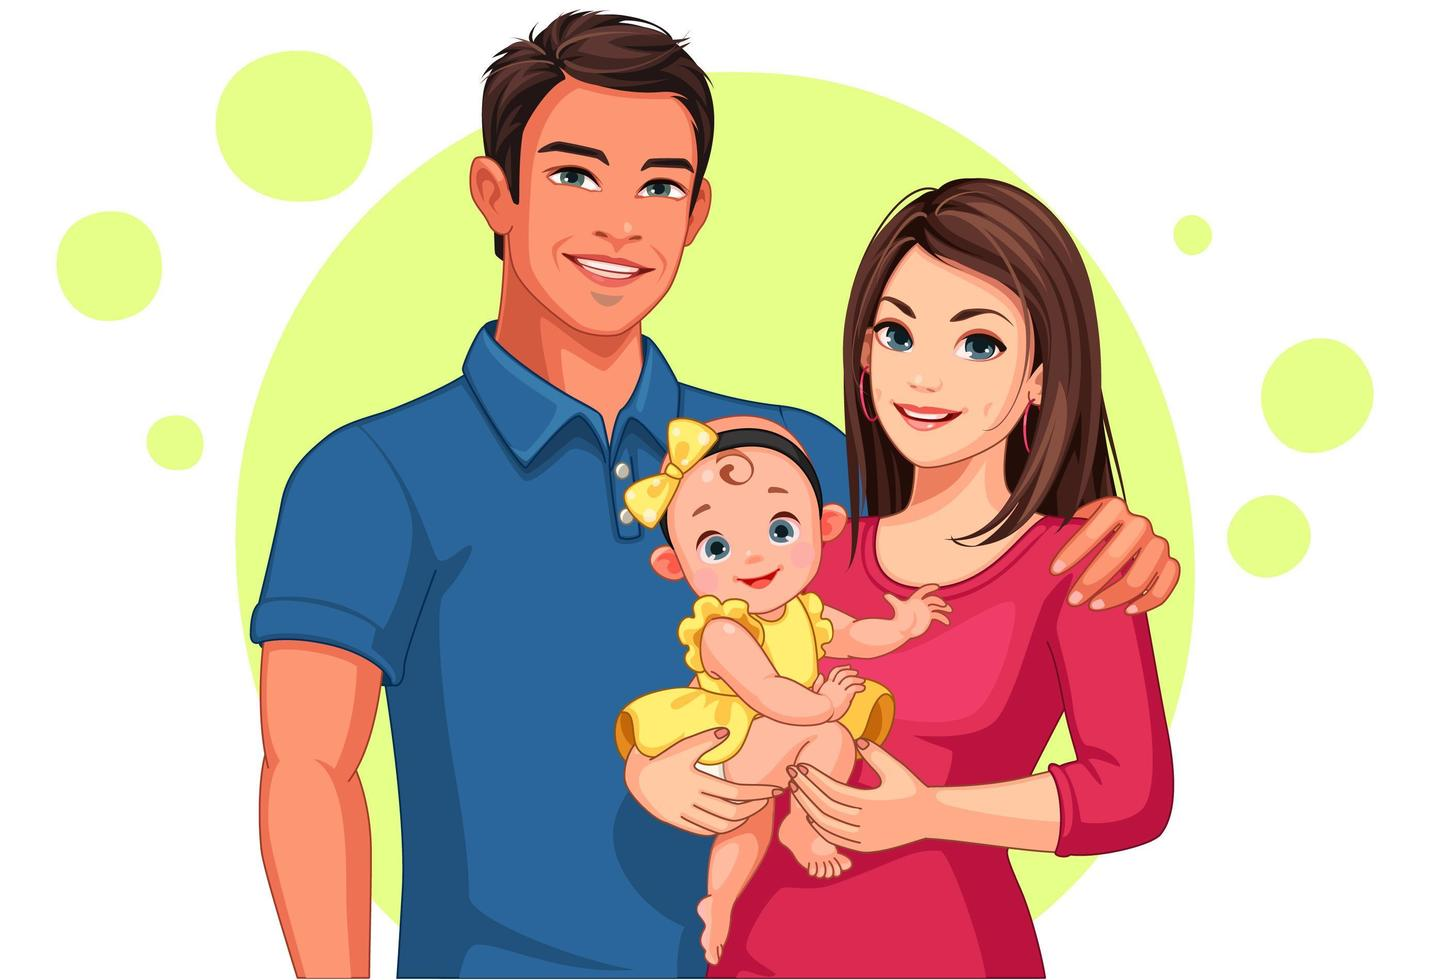 padre y madre con hija vector